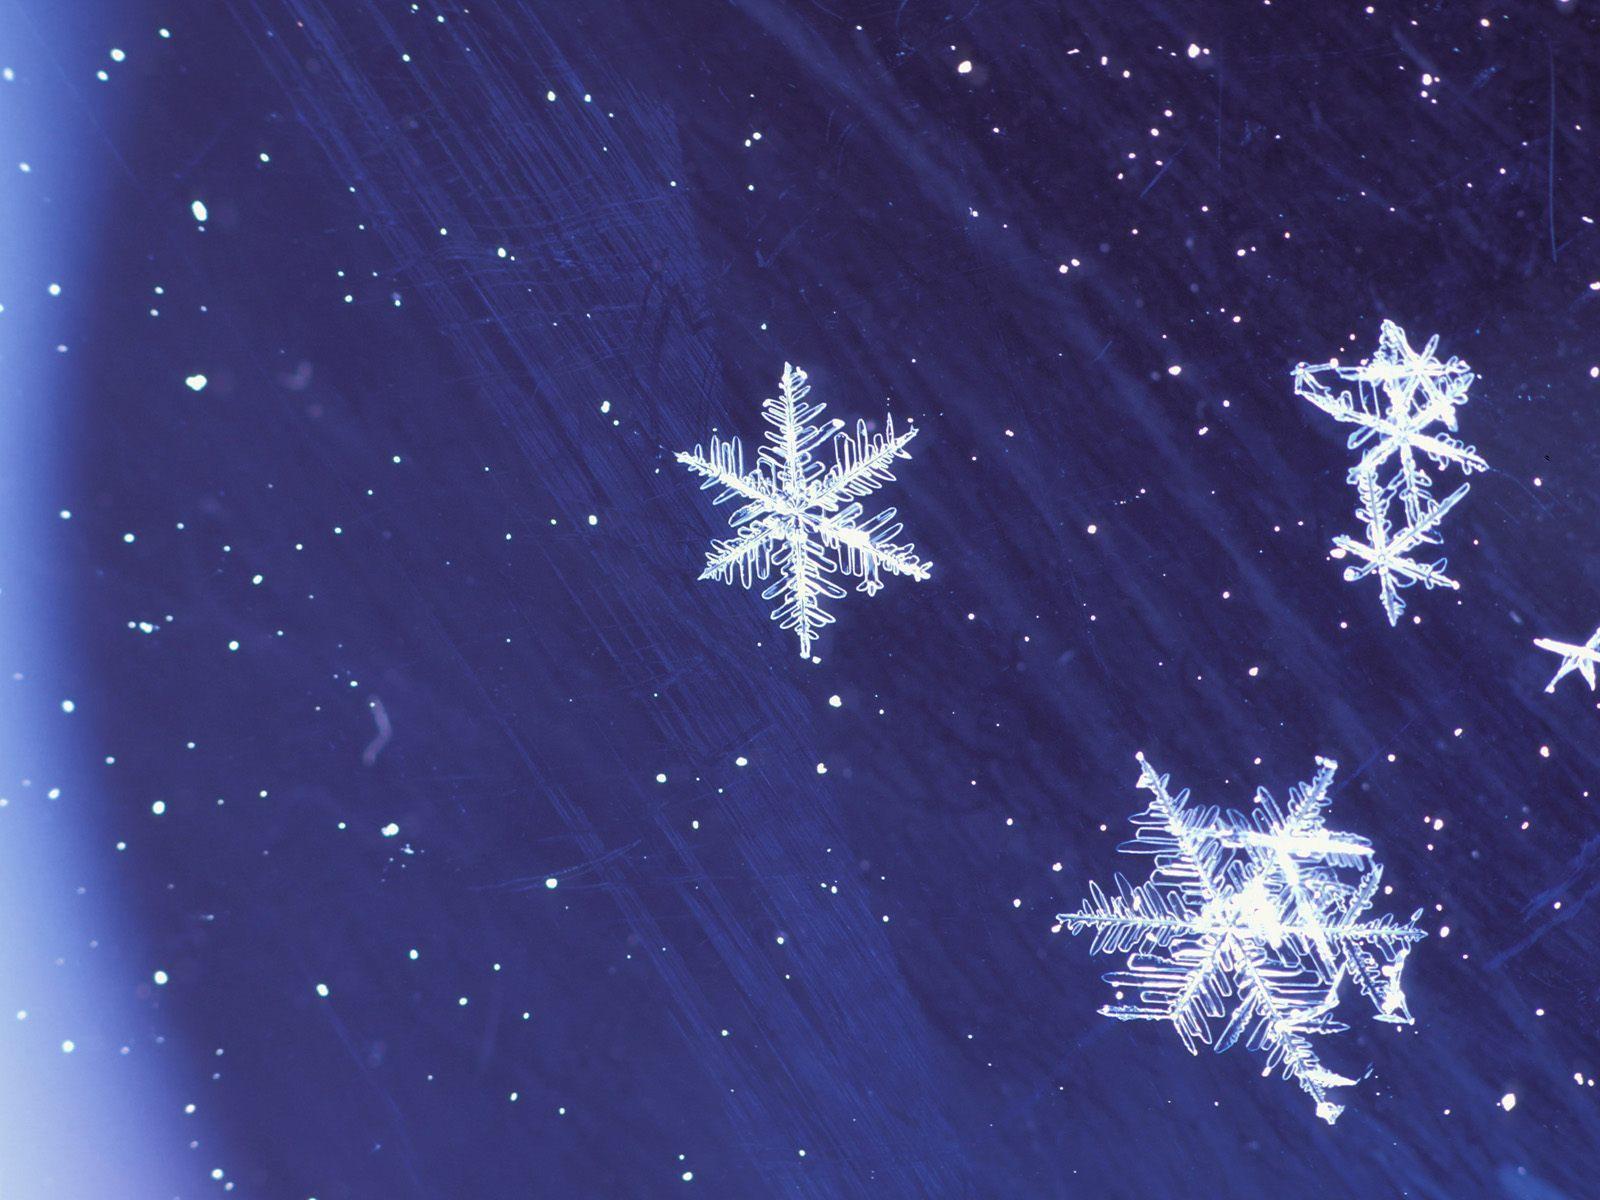 christmas wallpapers: 2013